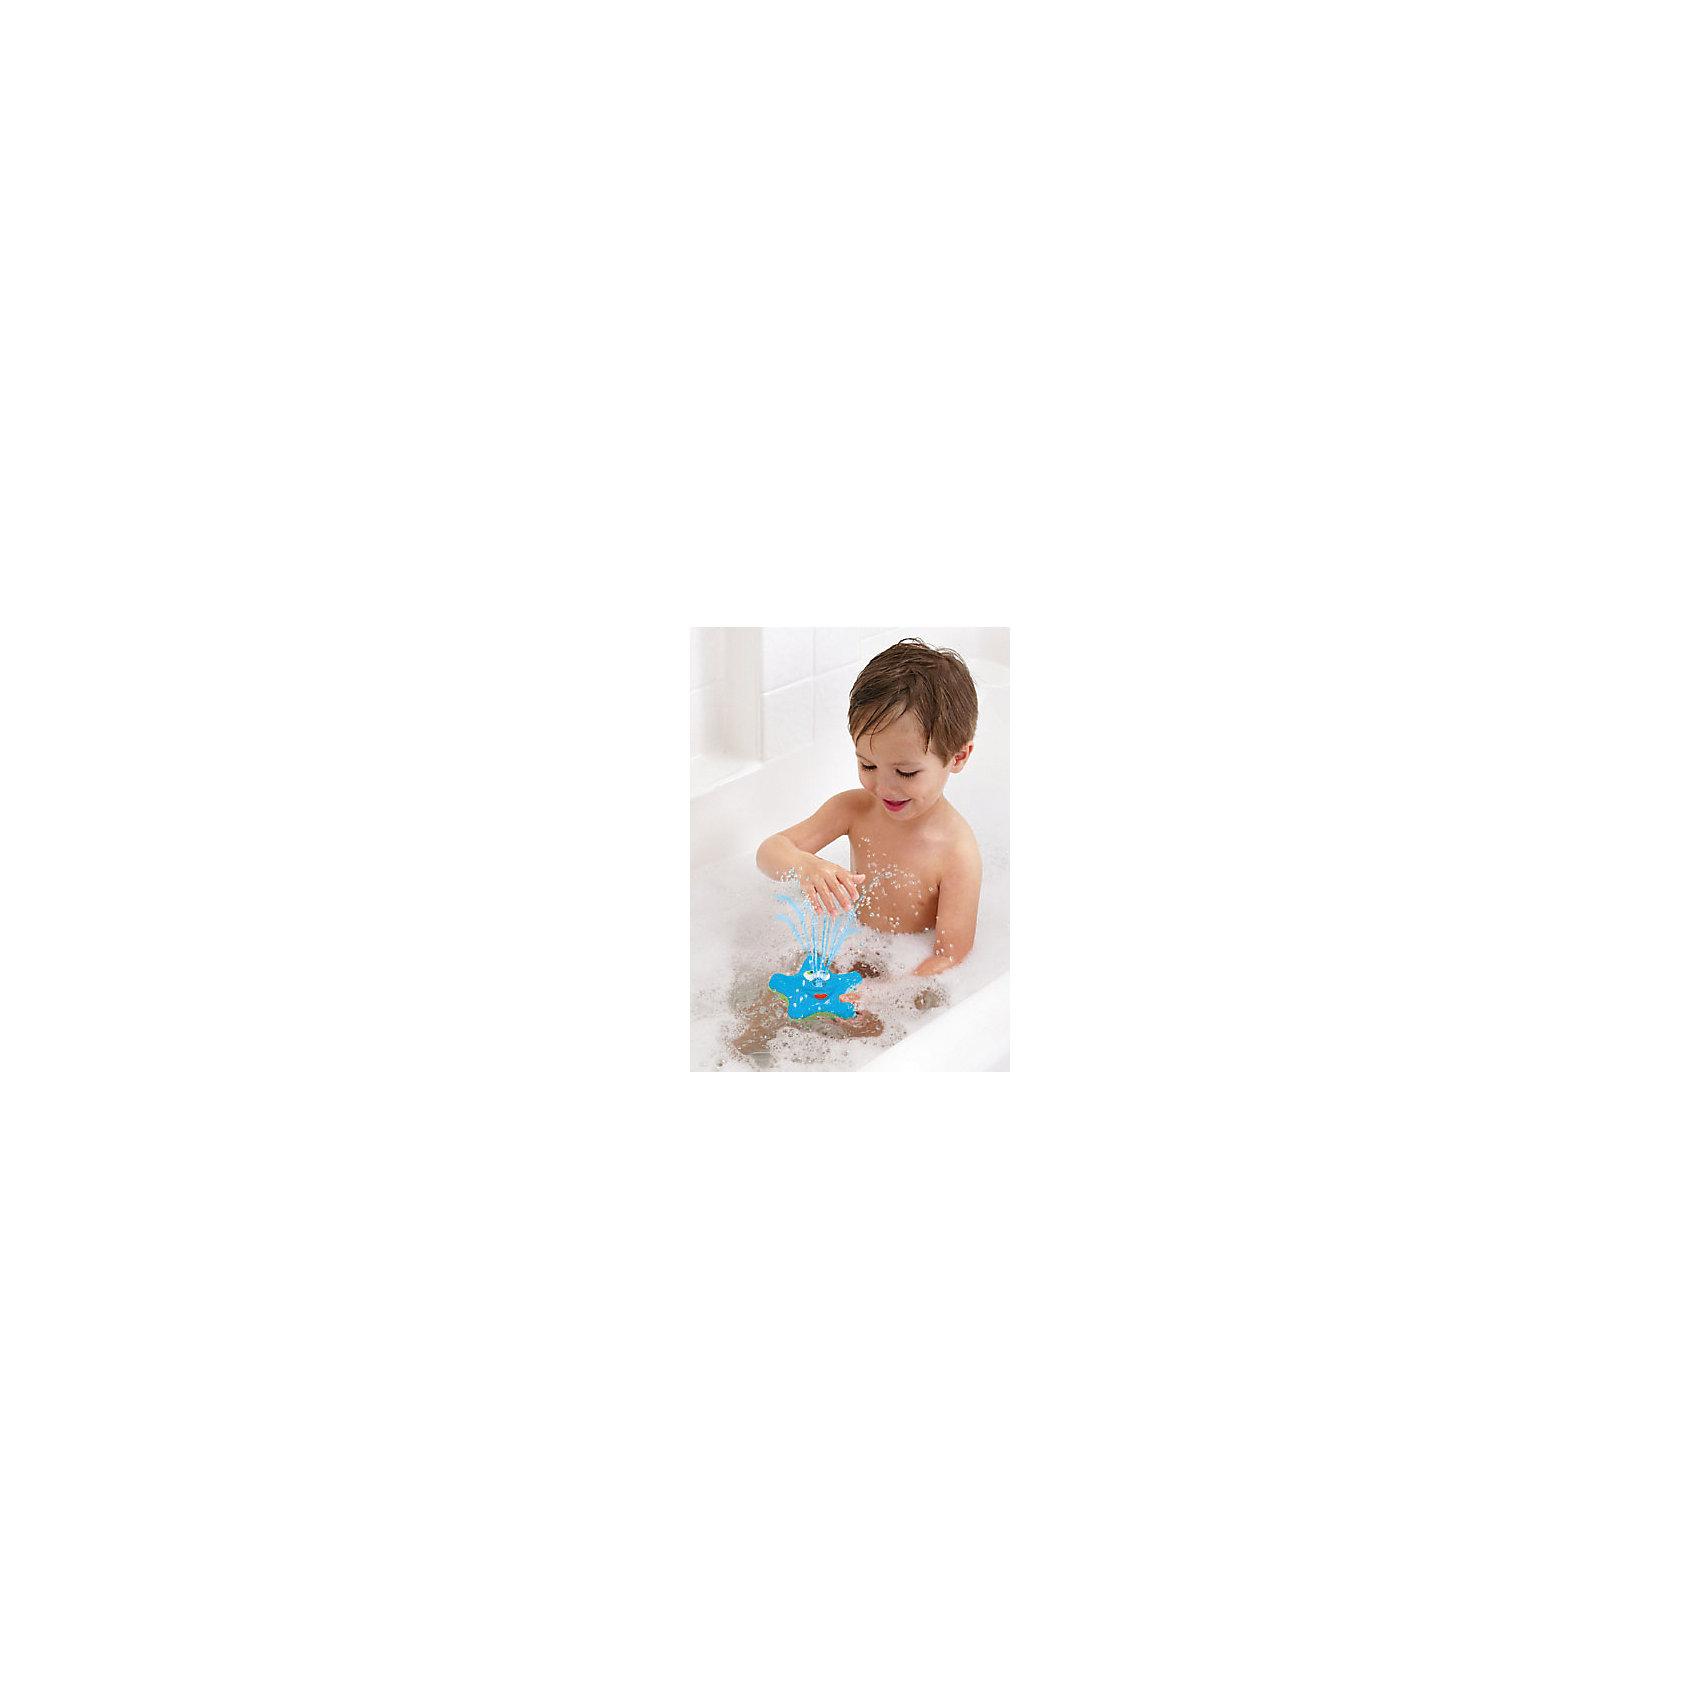 Игрушка для ванной Звёздочка, MunchkinЛейки и поливалки<br>Игрушка для ванной Звёздочка, Munchkin (Манчкин) – эта игрушка доставит малышу немало веселых минут во время купания!<br>Очаровательная игрушка для ванной Звёздочка с улыбающимся личиком не оставит ребенка равнодушным. Она плавает на поверхности воды и вращается, а носик игрушки светится и весело брызгается водой. Если игрушку перевернуть носиком в воду, она озарит ярким голубым светом всю ванну. Игрушка выполнена из прочного безопасного пластика ярких цветов.<br><br>Дополнительная информация:<br><br>- В комплекте: 1 игрушка<br>- Цвет в ассортименте<br>- Материал: пластик<br>- Размер: 12,8 x 12,8 x 4,9 см.<br>- Батарейки: 3хААА (не входят в комплект)<br>- ВНИМАНИЕ! Данный товар представлен в ассортименте. К сожалению, предварительный выбор невозможен. При заказе нескольких единиц данного товара, возможно получение одинаковых<br><br>Игрушку для ванной Звёздочка, Munchkin (Манчкин) можно купить в нашем интернет-магазине.<br><br>Ширина мм: 40<br>Глубина мм: 150<br>Высота мм: 180<br>Вес г: 150<br>Возраст от месяцев: 12<br>Возраст до месяцев: 36<br>Пол: Унисекс<br>Возраст: Детский<br>SKU: 4142373